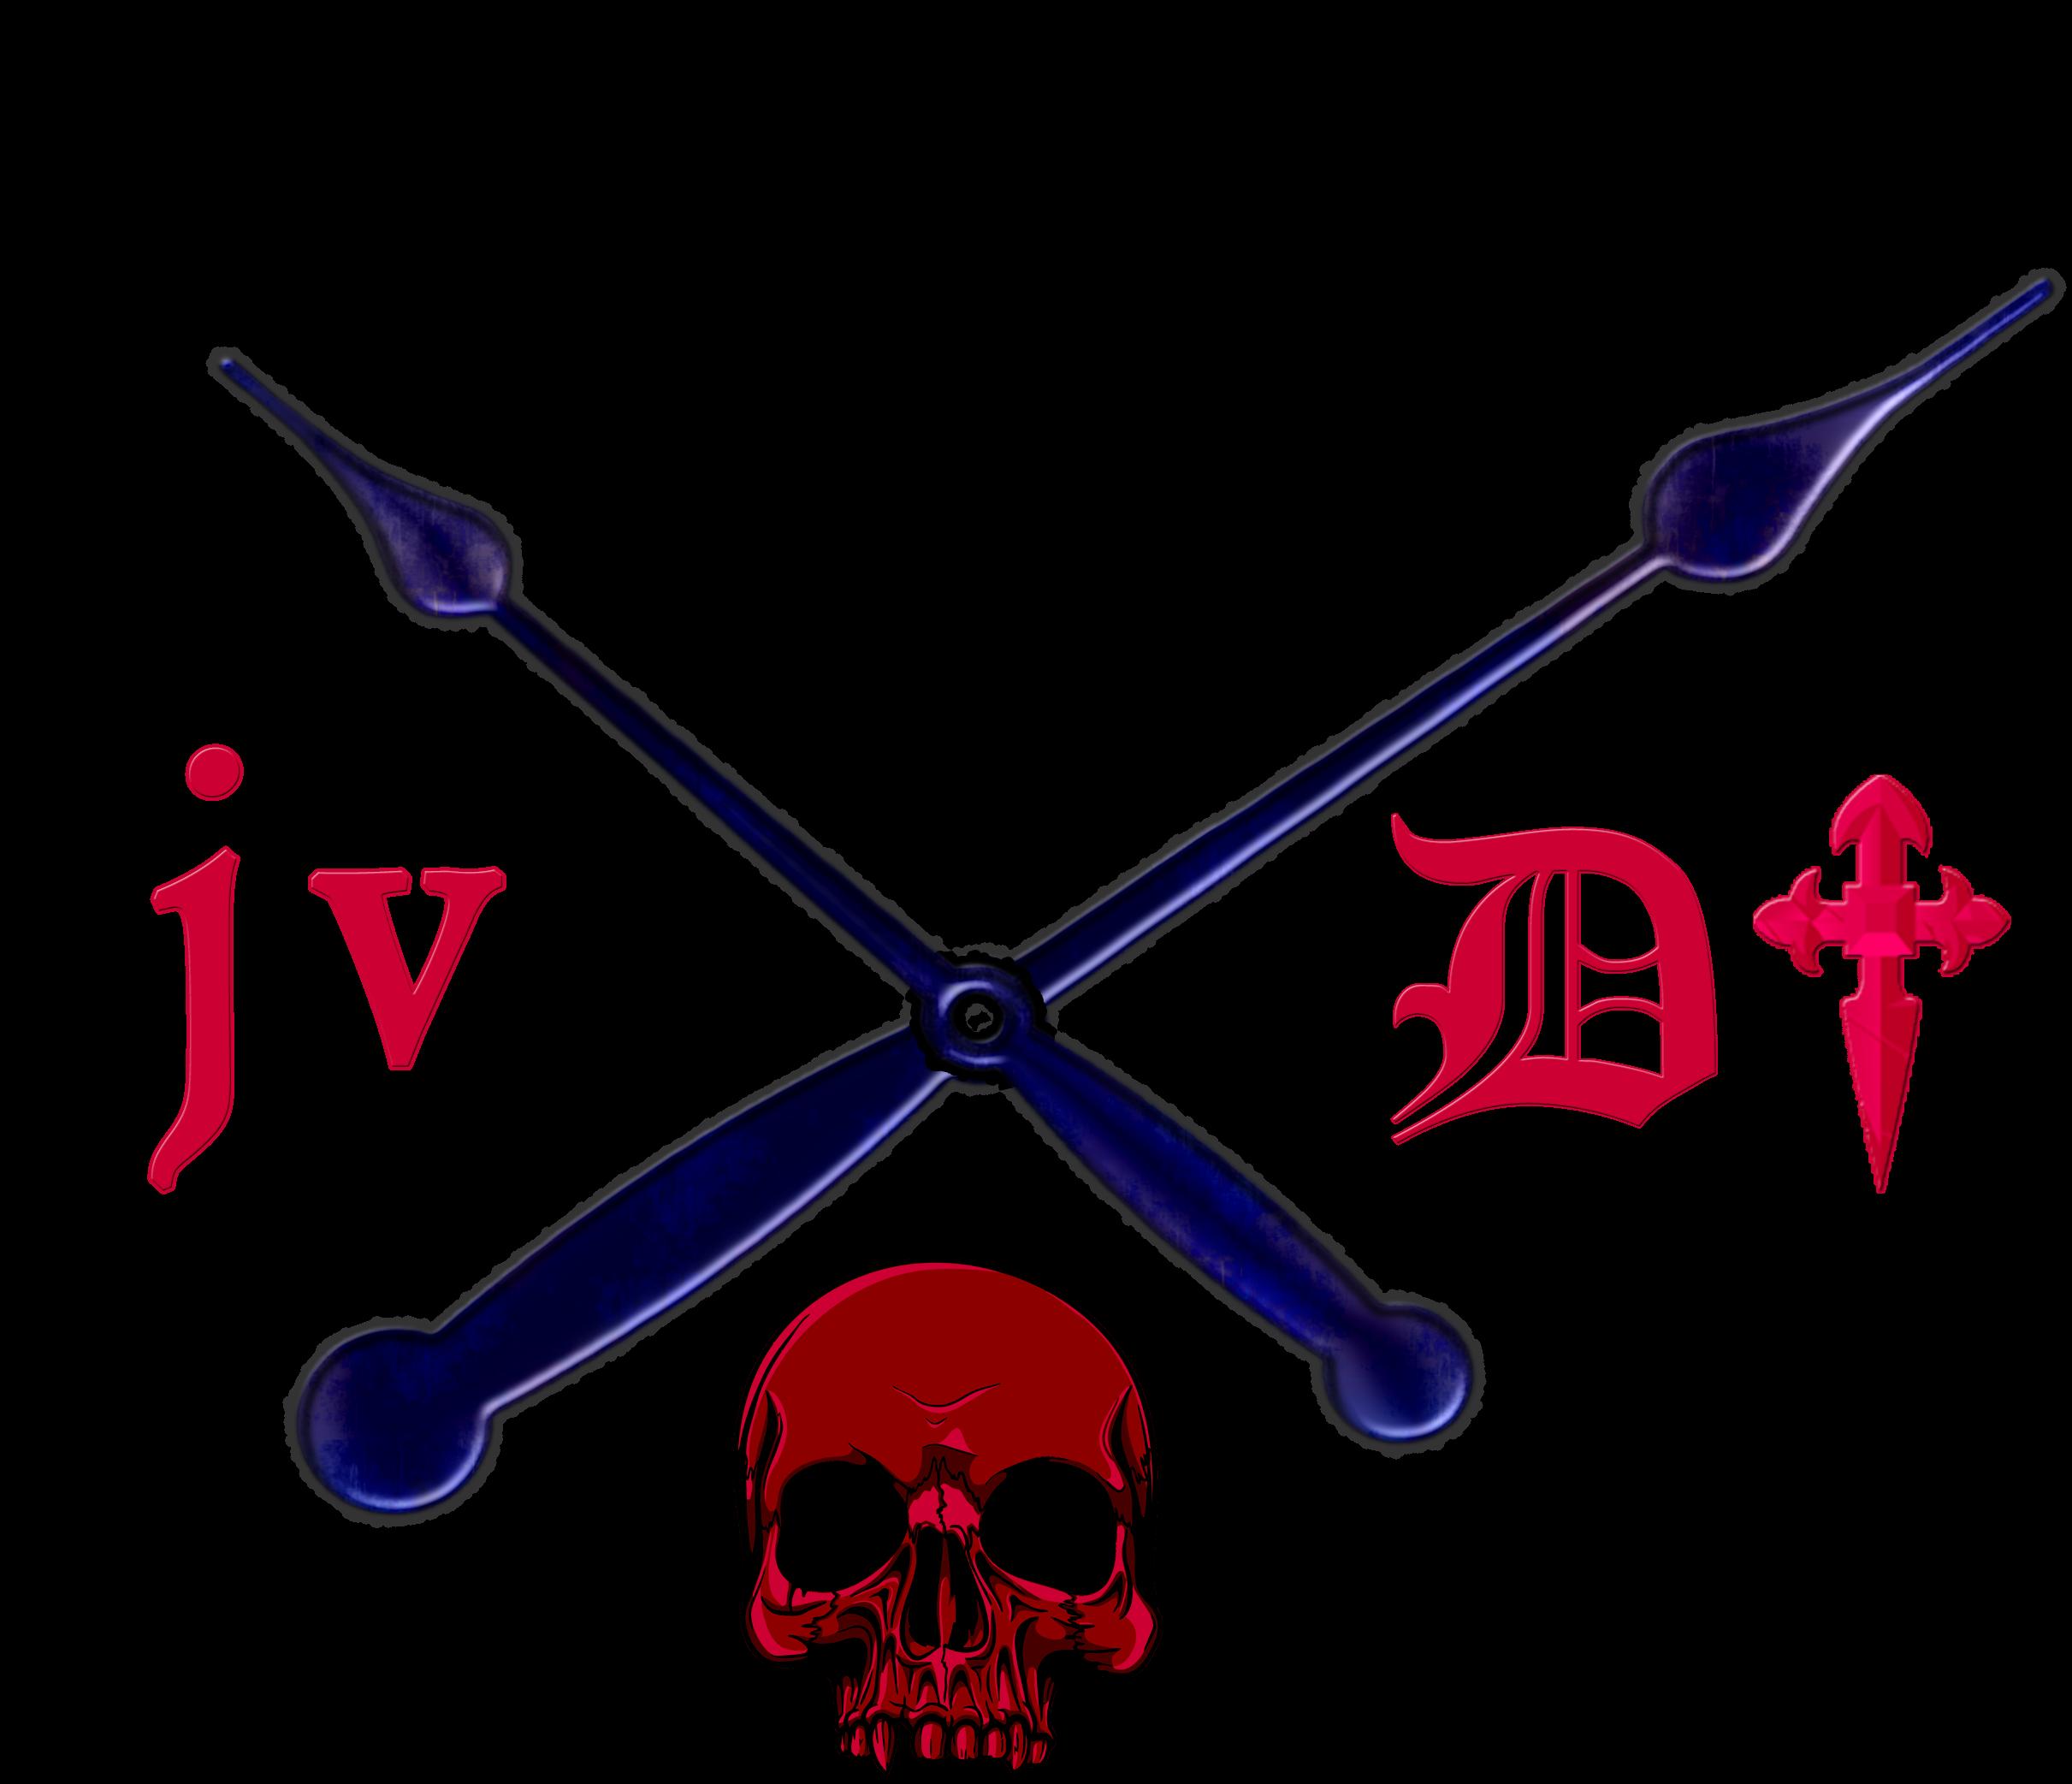 jv-dt-logo.png